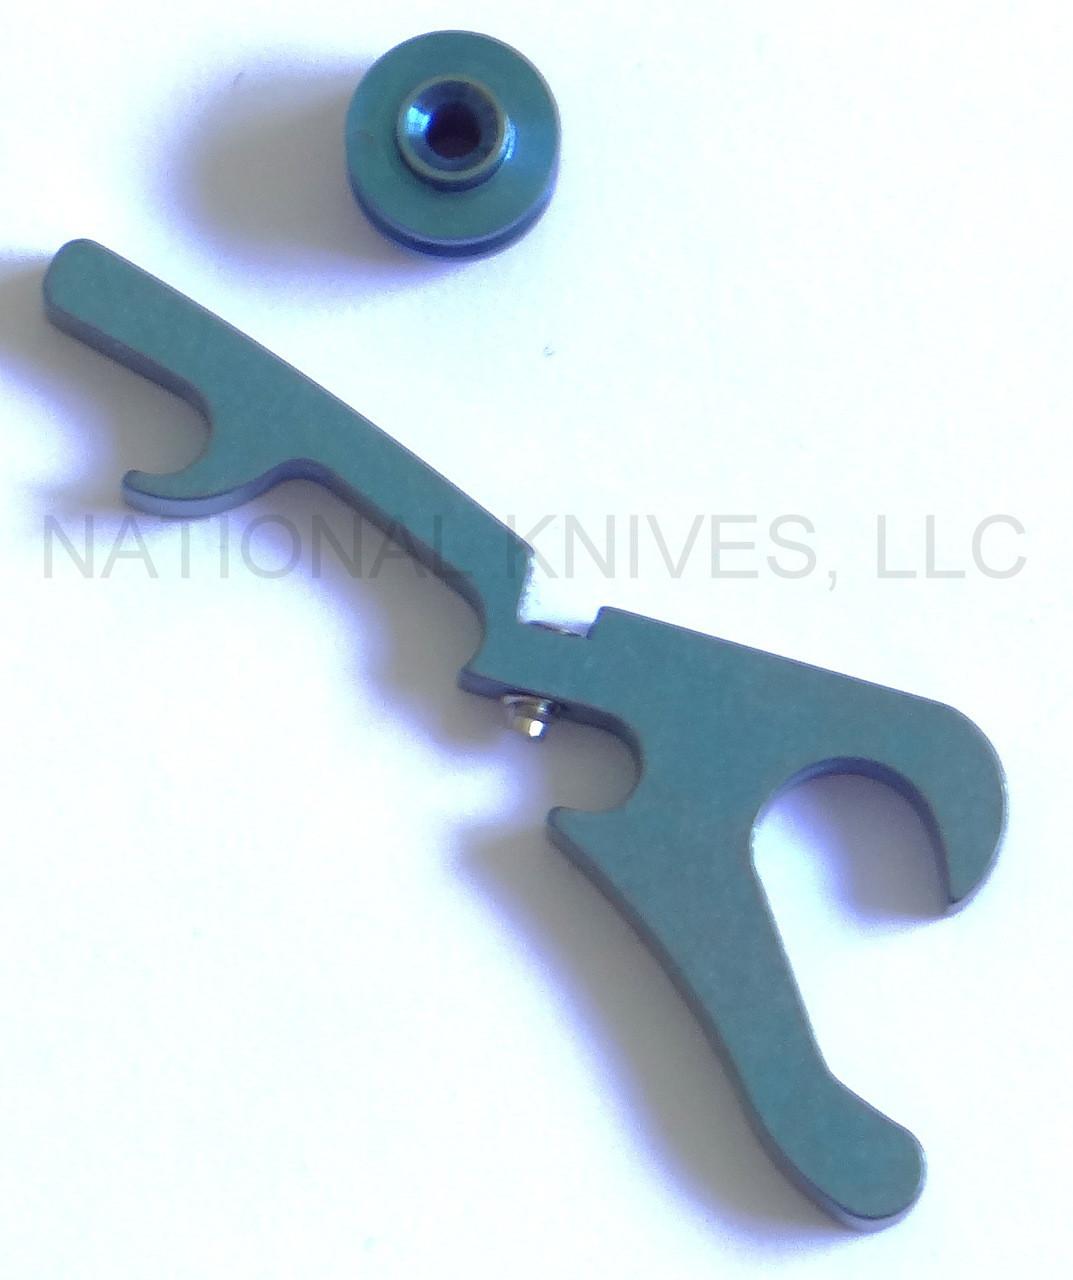 Rick Hinderer Knives HMBS For Sale | National Knives, LLC